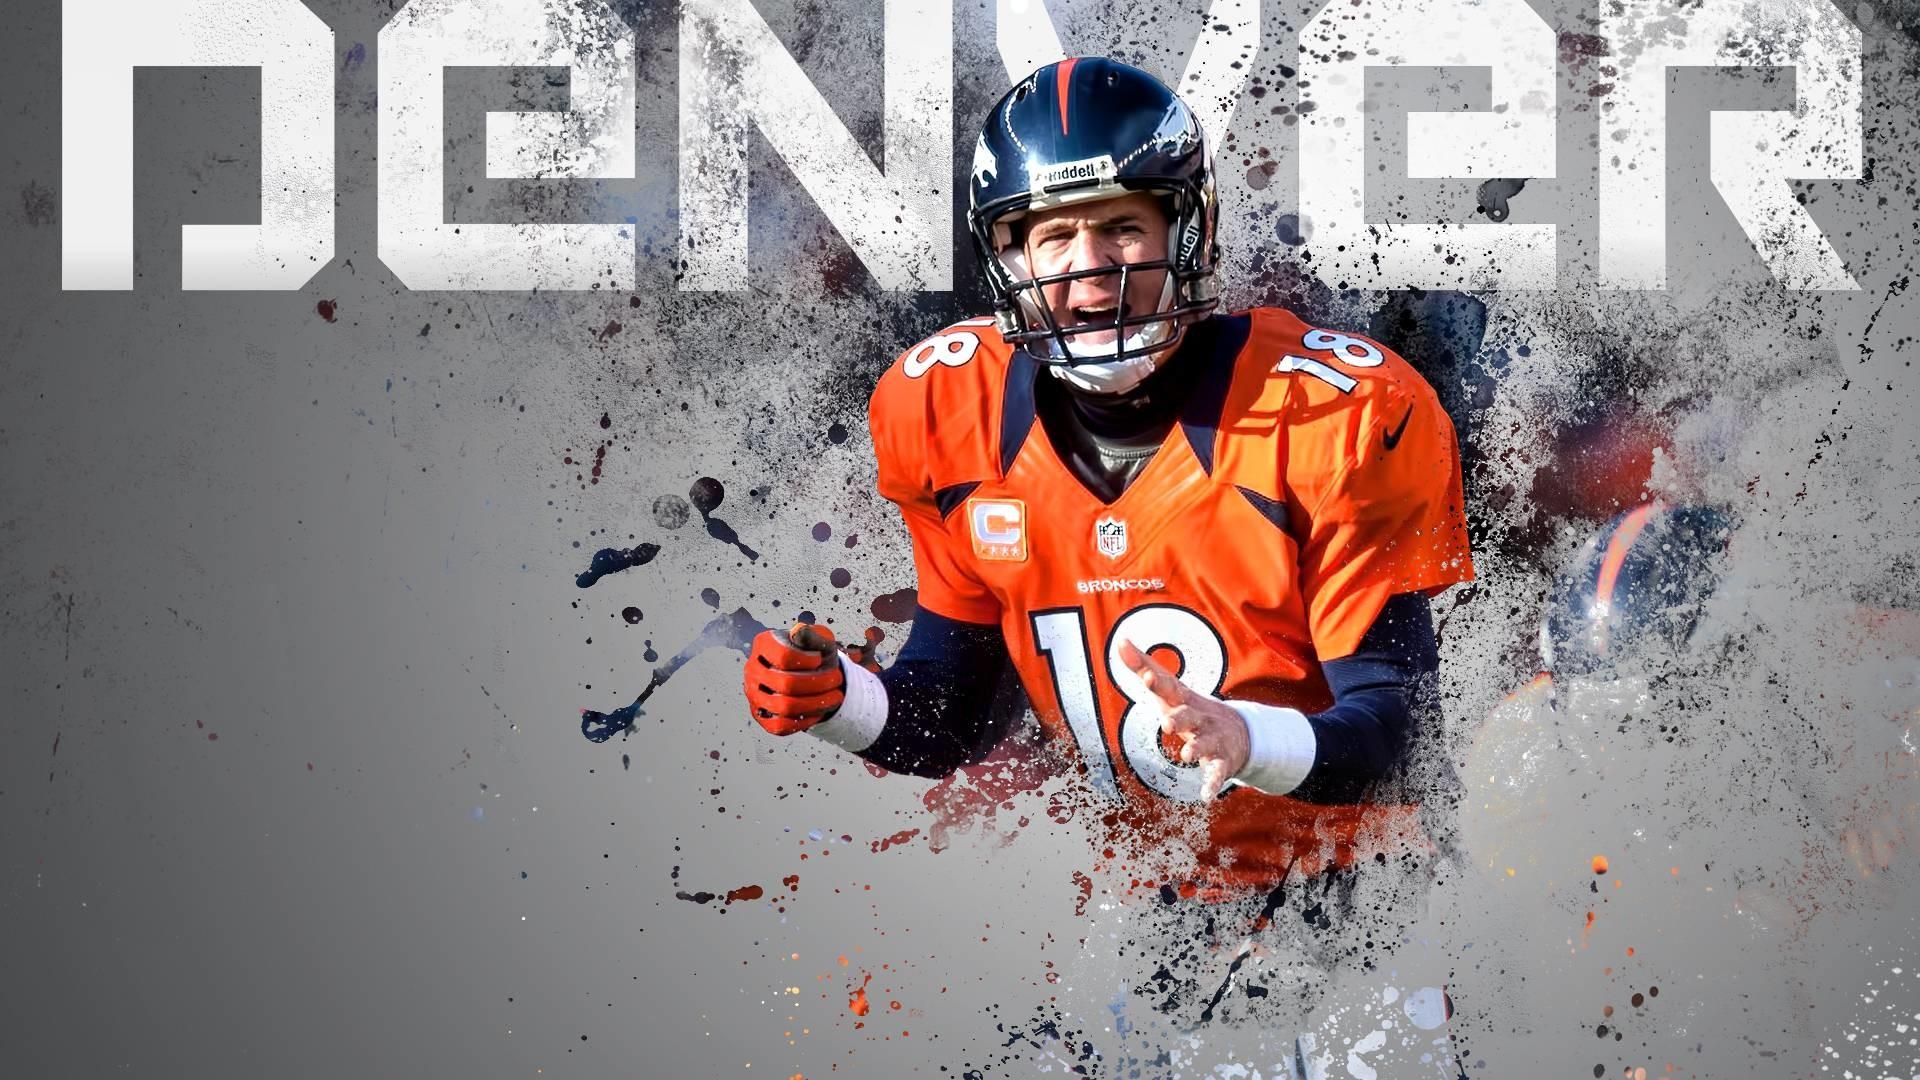 Denver Broncos Wallpaper HD Player Number 18.